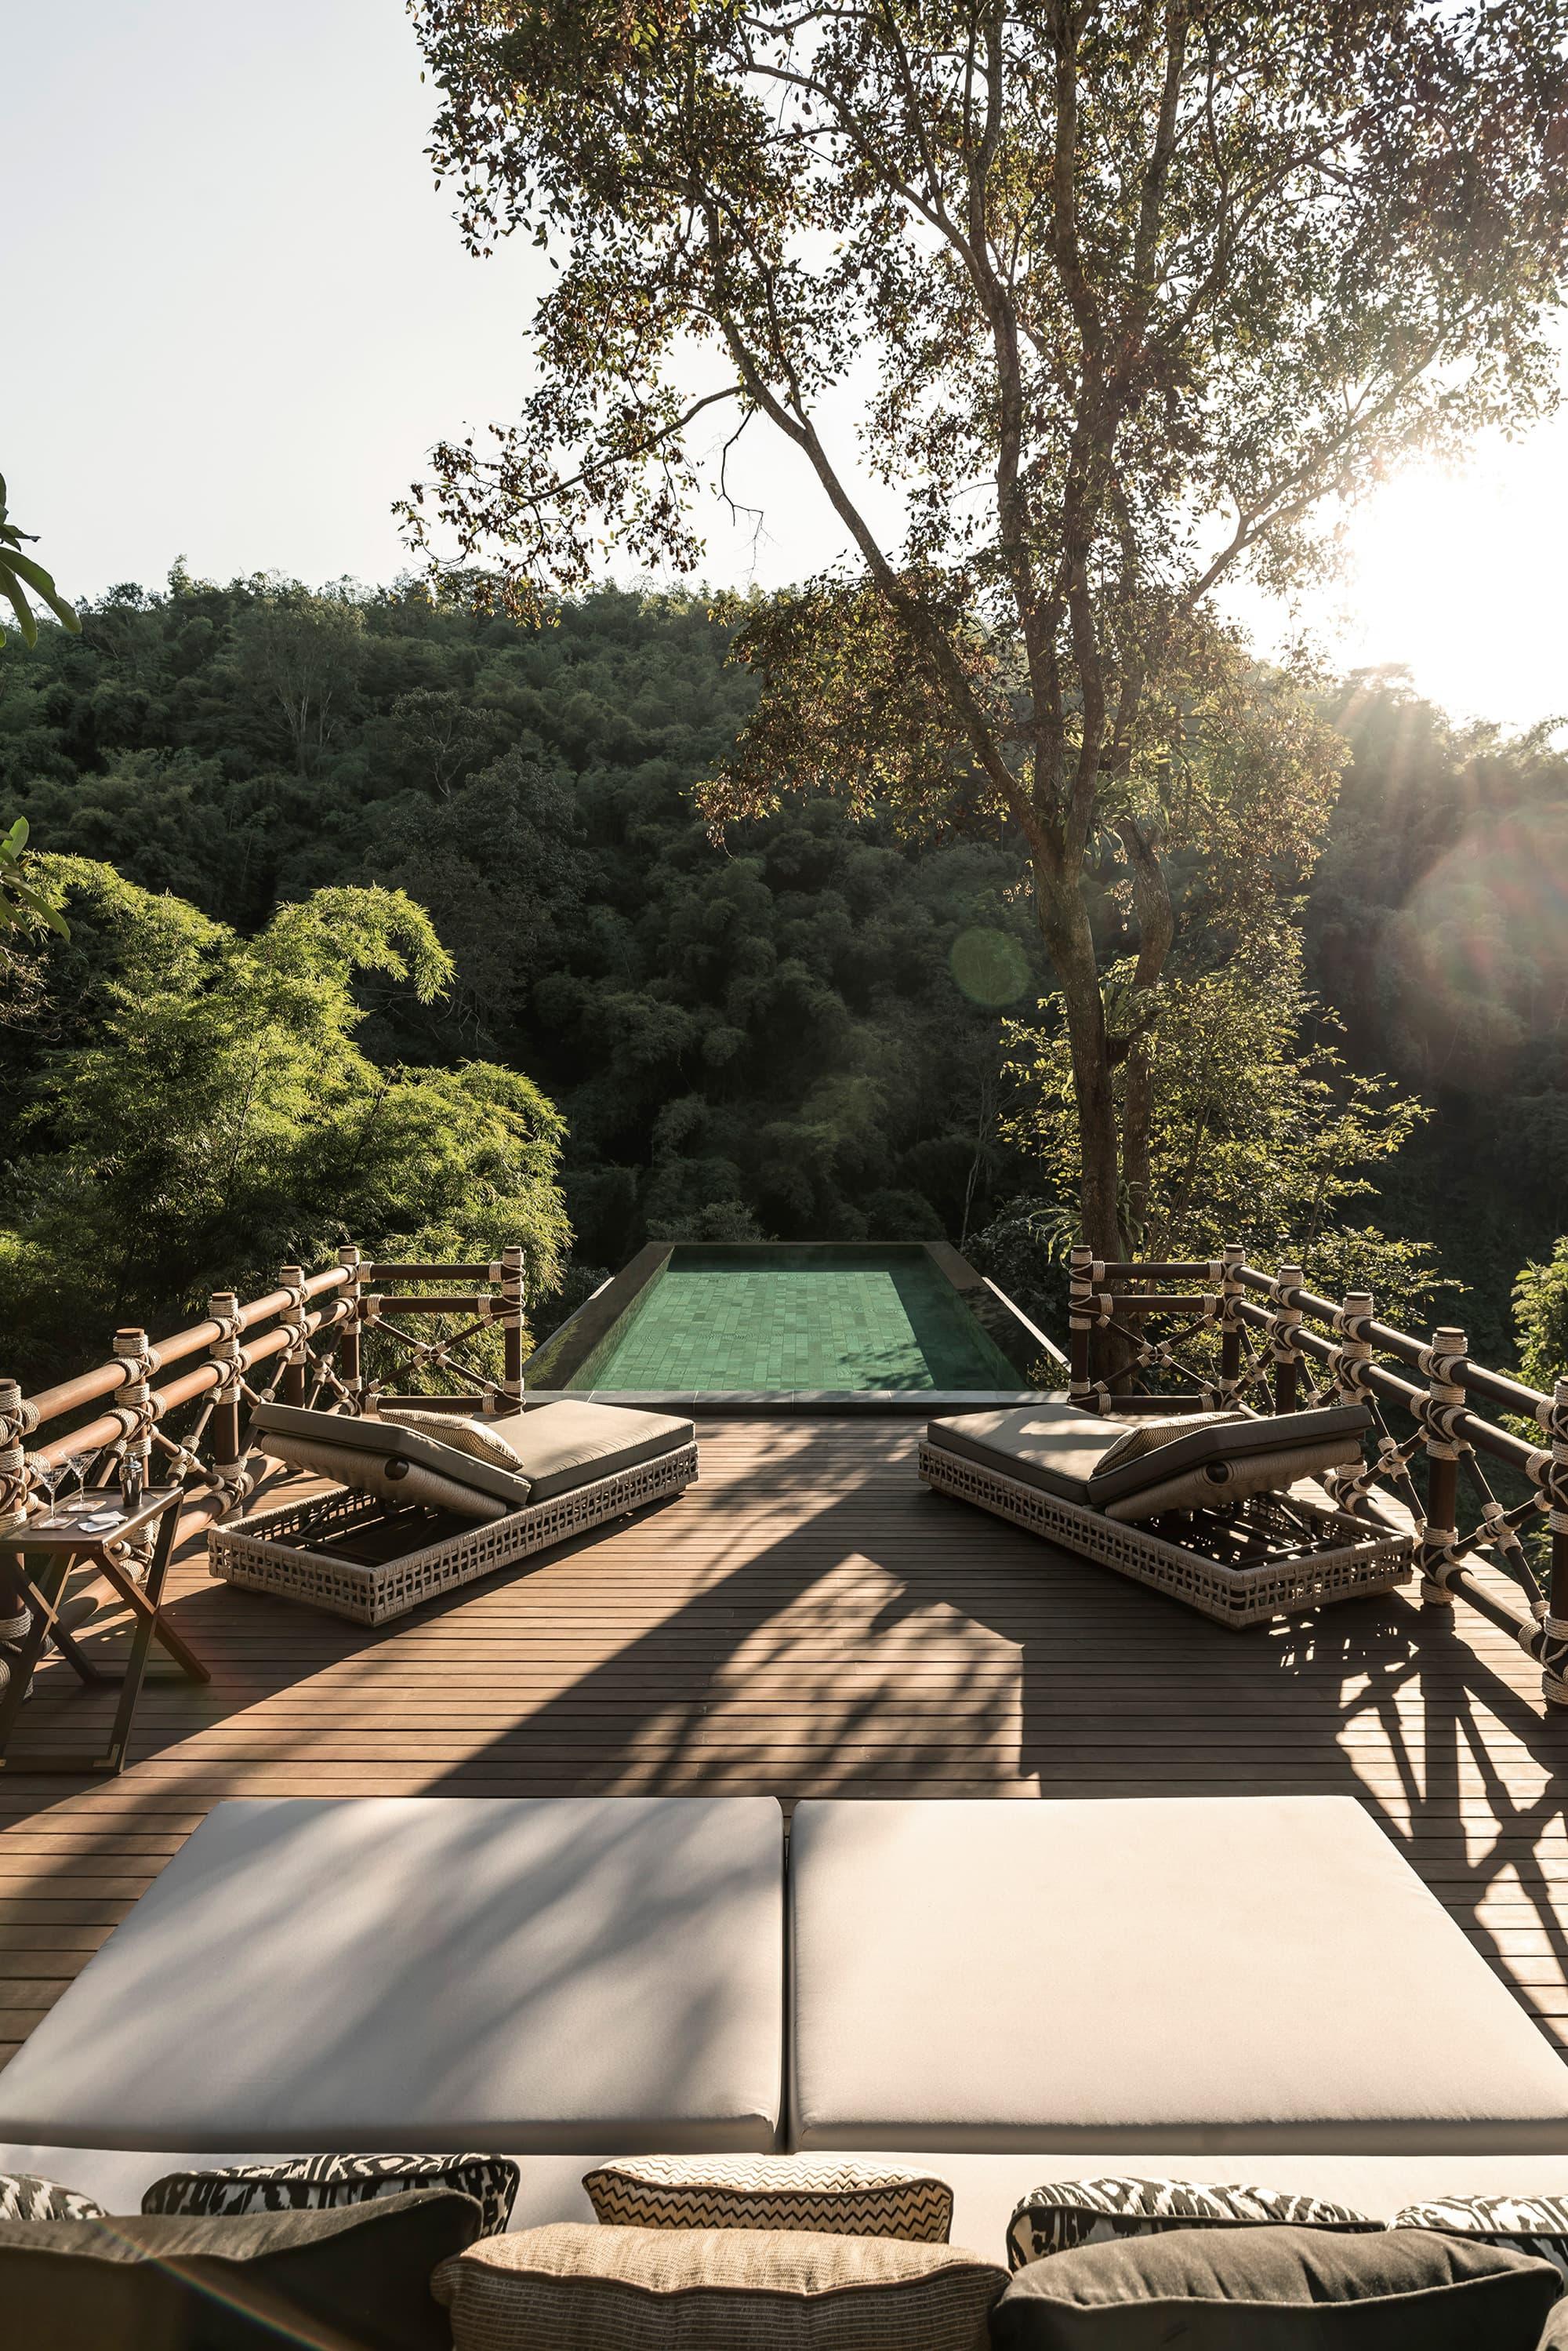 El triángulo de oro en campamento de lujo y Phi Phi Island - Tailandia- imagen #5